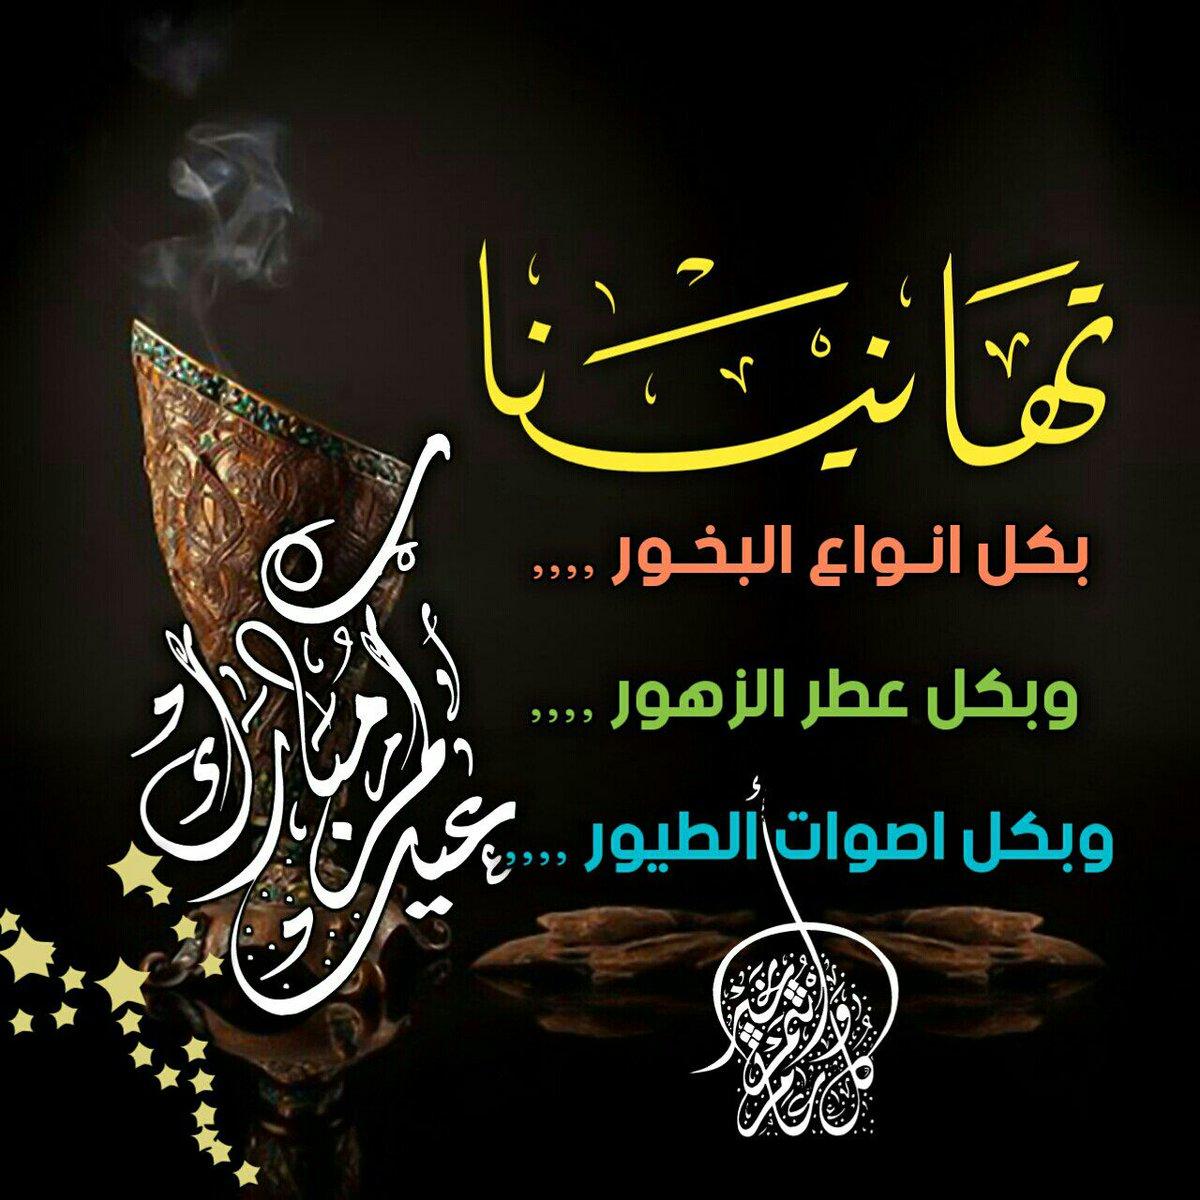 صورة رسائل تهنئة عيد الاضحى , رسائل العيد تفرح اهلينا unnamed file 269